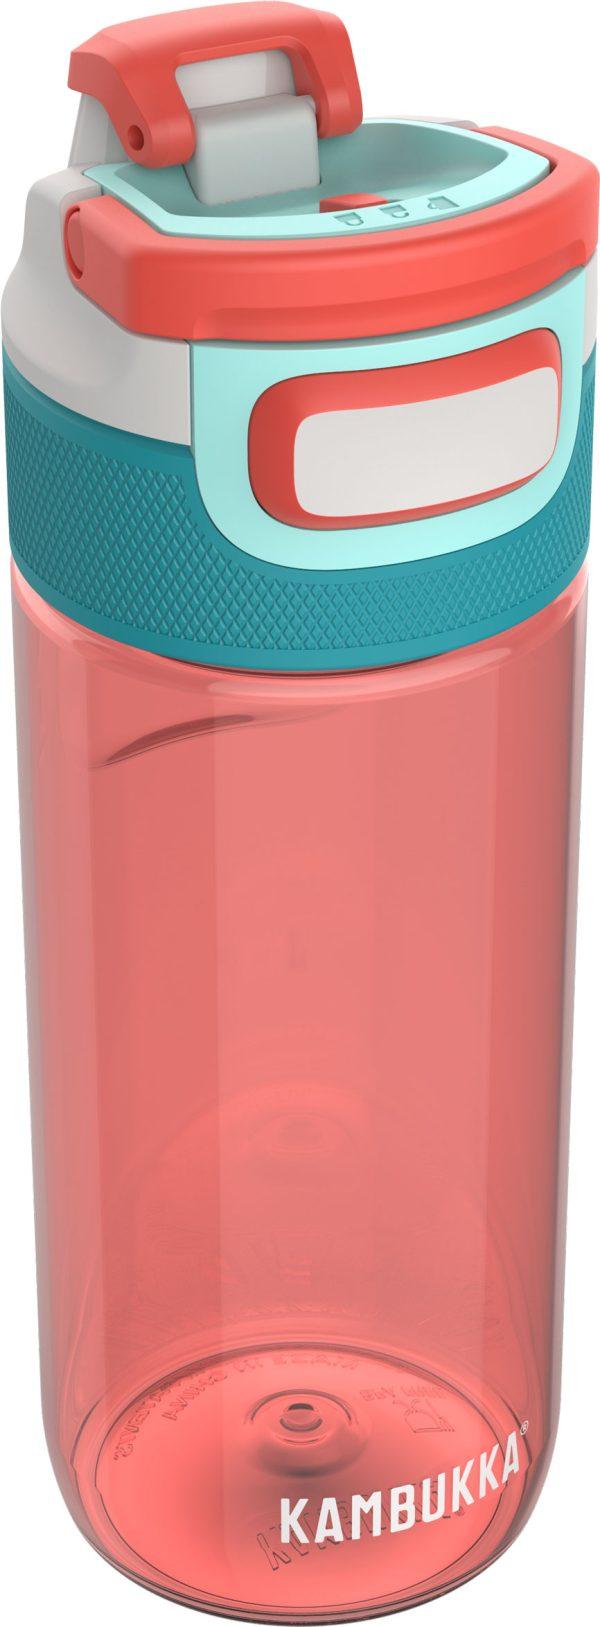 """בקבוק שתיה אדום 500 מ""""ל Kambukka Living Coral קמבוקה"""